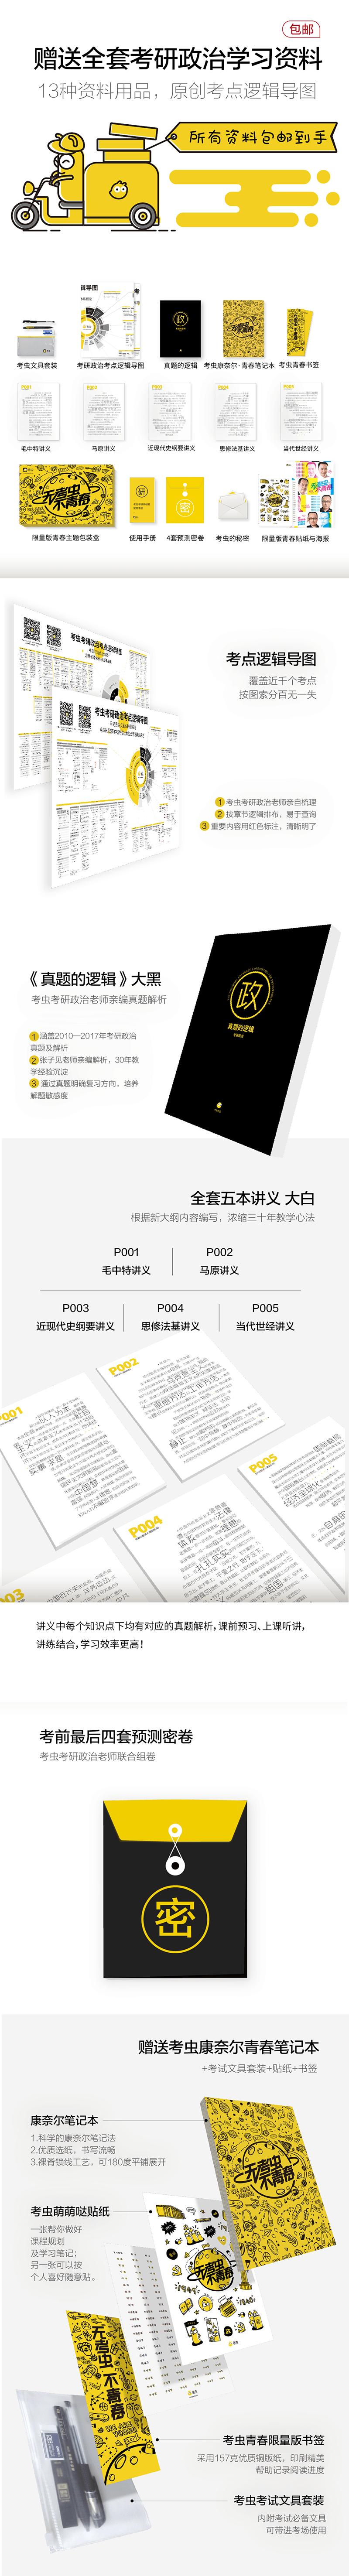 考研18政治新大纲班-02.png